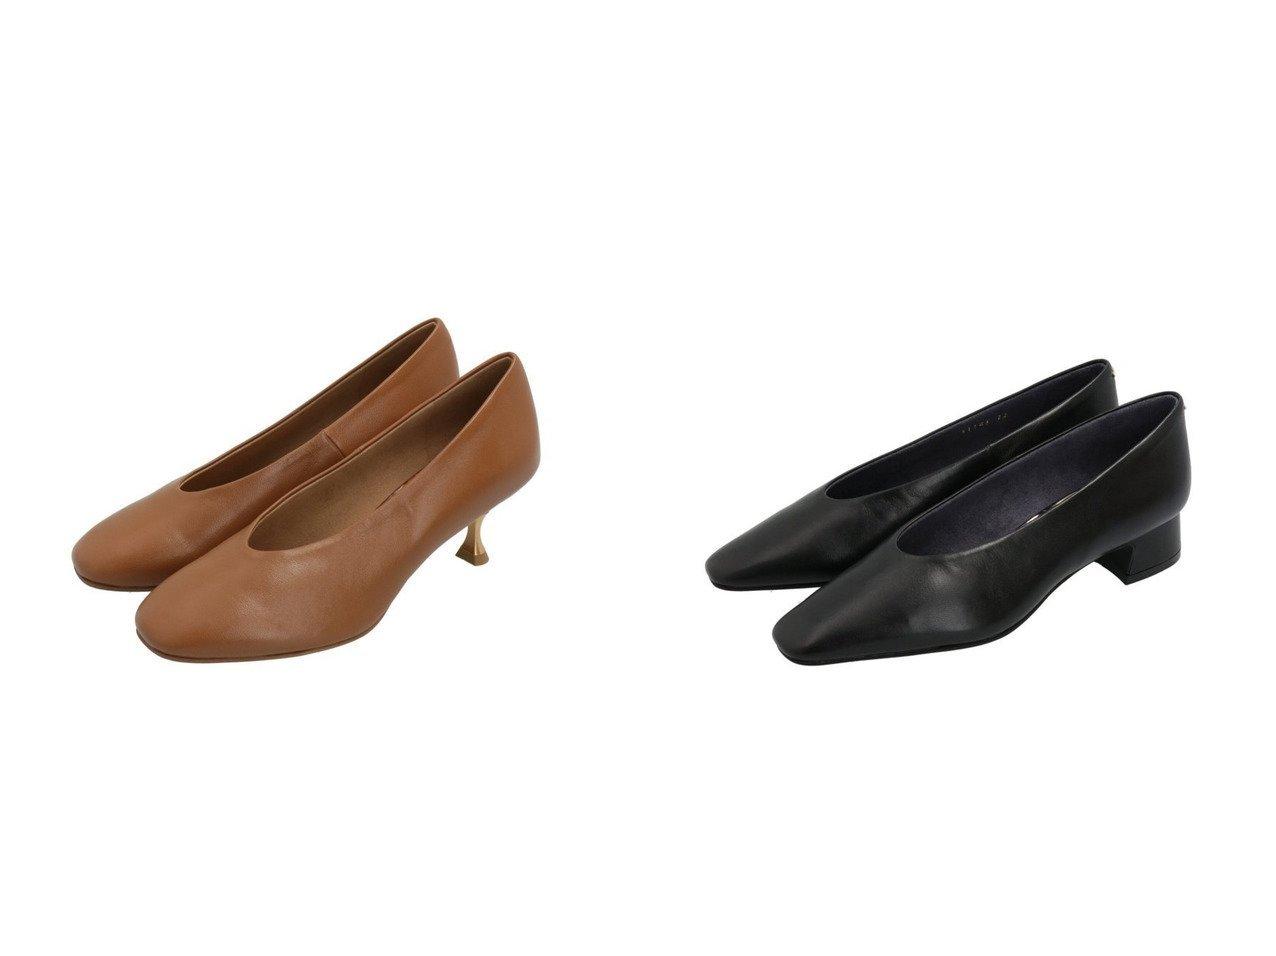 【Le Talon/ル タロン】のGRISE 5.5cmレザーハイバンプパンプス&3cmレザーハイバンプPS(22-25) シューズ・靴のおすすめ!人気、トレンド・レディースファッションの通販  おすすめで人気の流行・トレンド、ファッションの通販商品 メンズファッション・キッズファッション・インテリア・家具・レディースファッション・服の通販 founy(ファニー) https://founy.com/ ファッション Fashion レディースファッション WOMEN 2020年 2020 2020-2021 秋冬 A/W AW Autumn/Winter / FW Fall-Winter 2020-2021 A/W 秋冬 AW Autumn/Winter / FW Fall-Winter シューズ メタリック スクエア ソックス タイツ フレア |ID:crp329100000009819